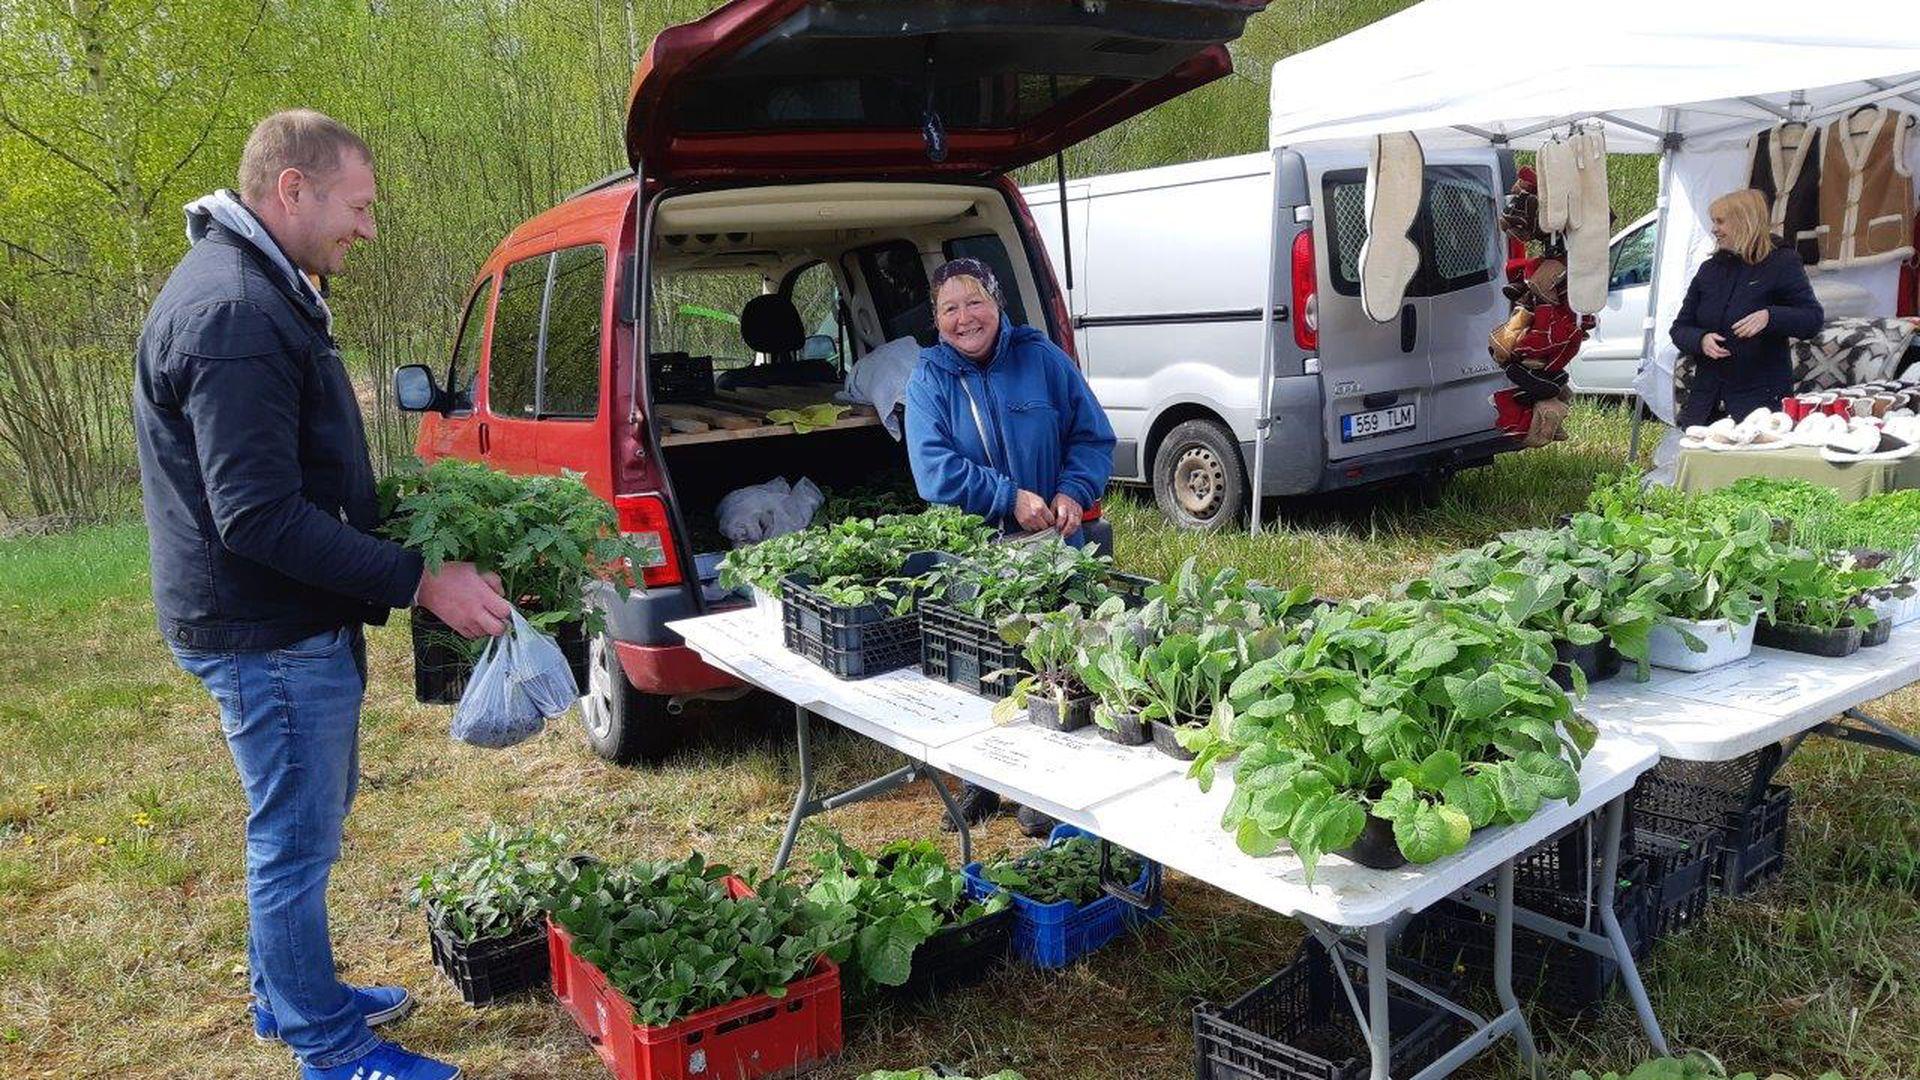 Esimene Ihamaru taluturg tõi letti kohalikud tooted: